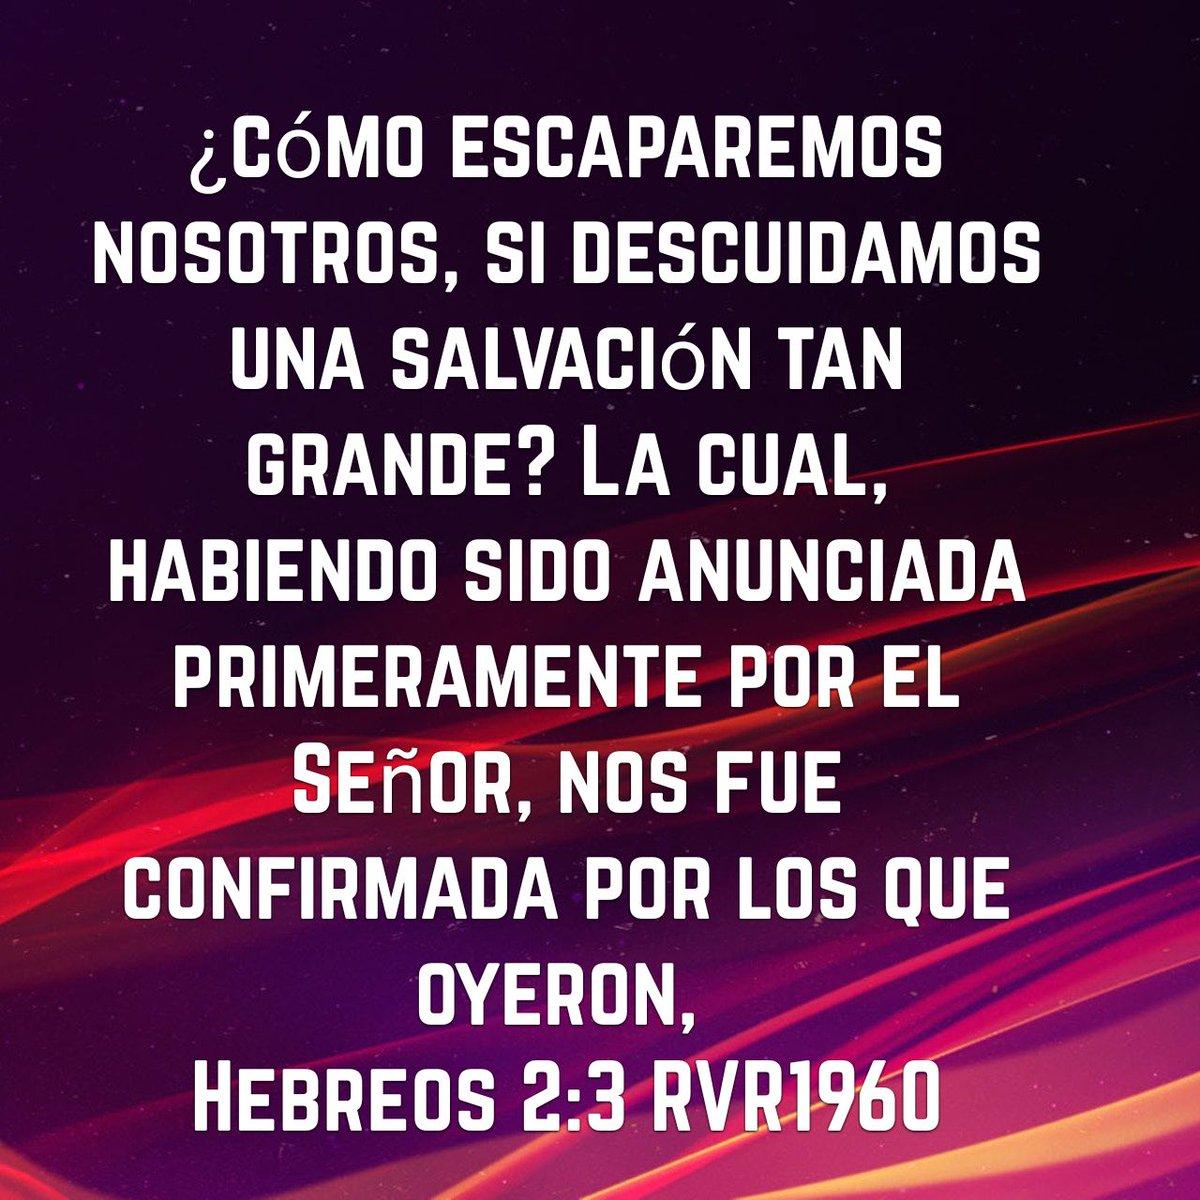 ... en la gracia y el conocimiento de nuestro Señor y Salvador Jesucristo. 2 Pedro 3:18